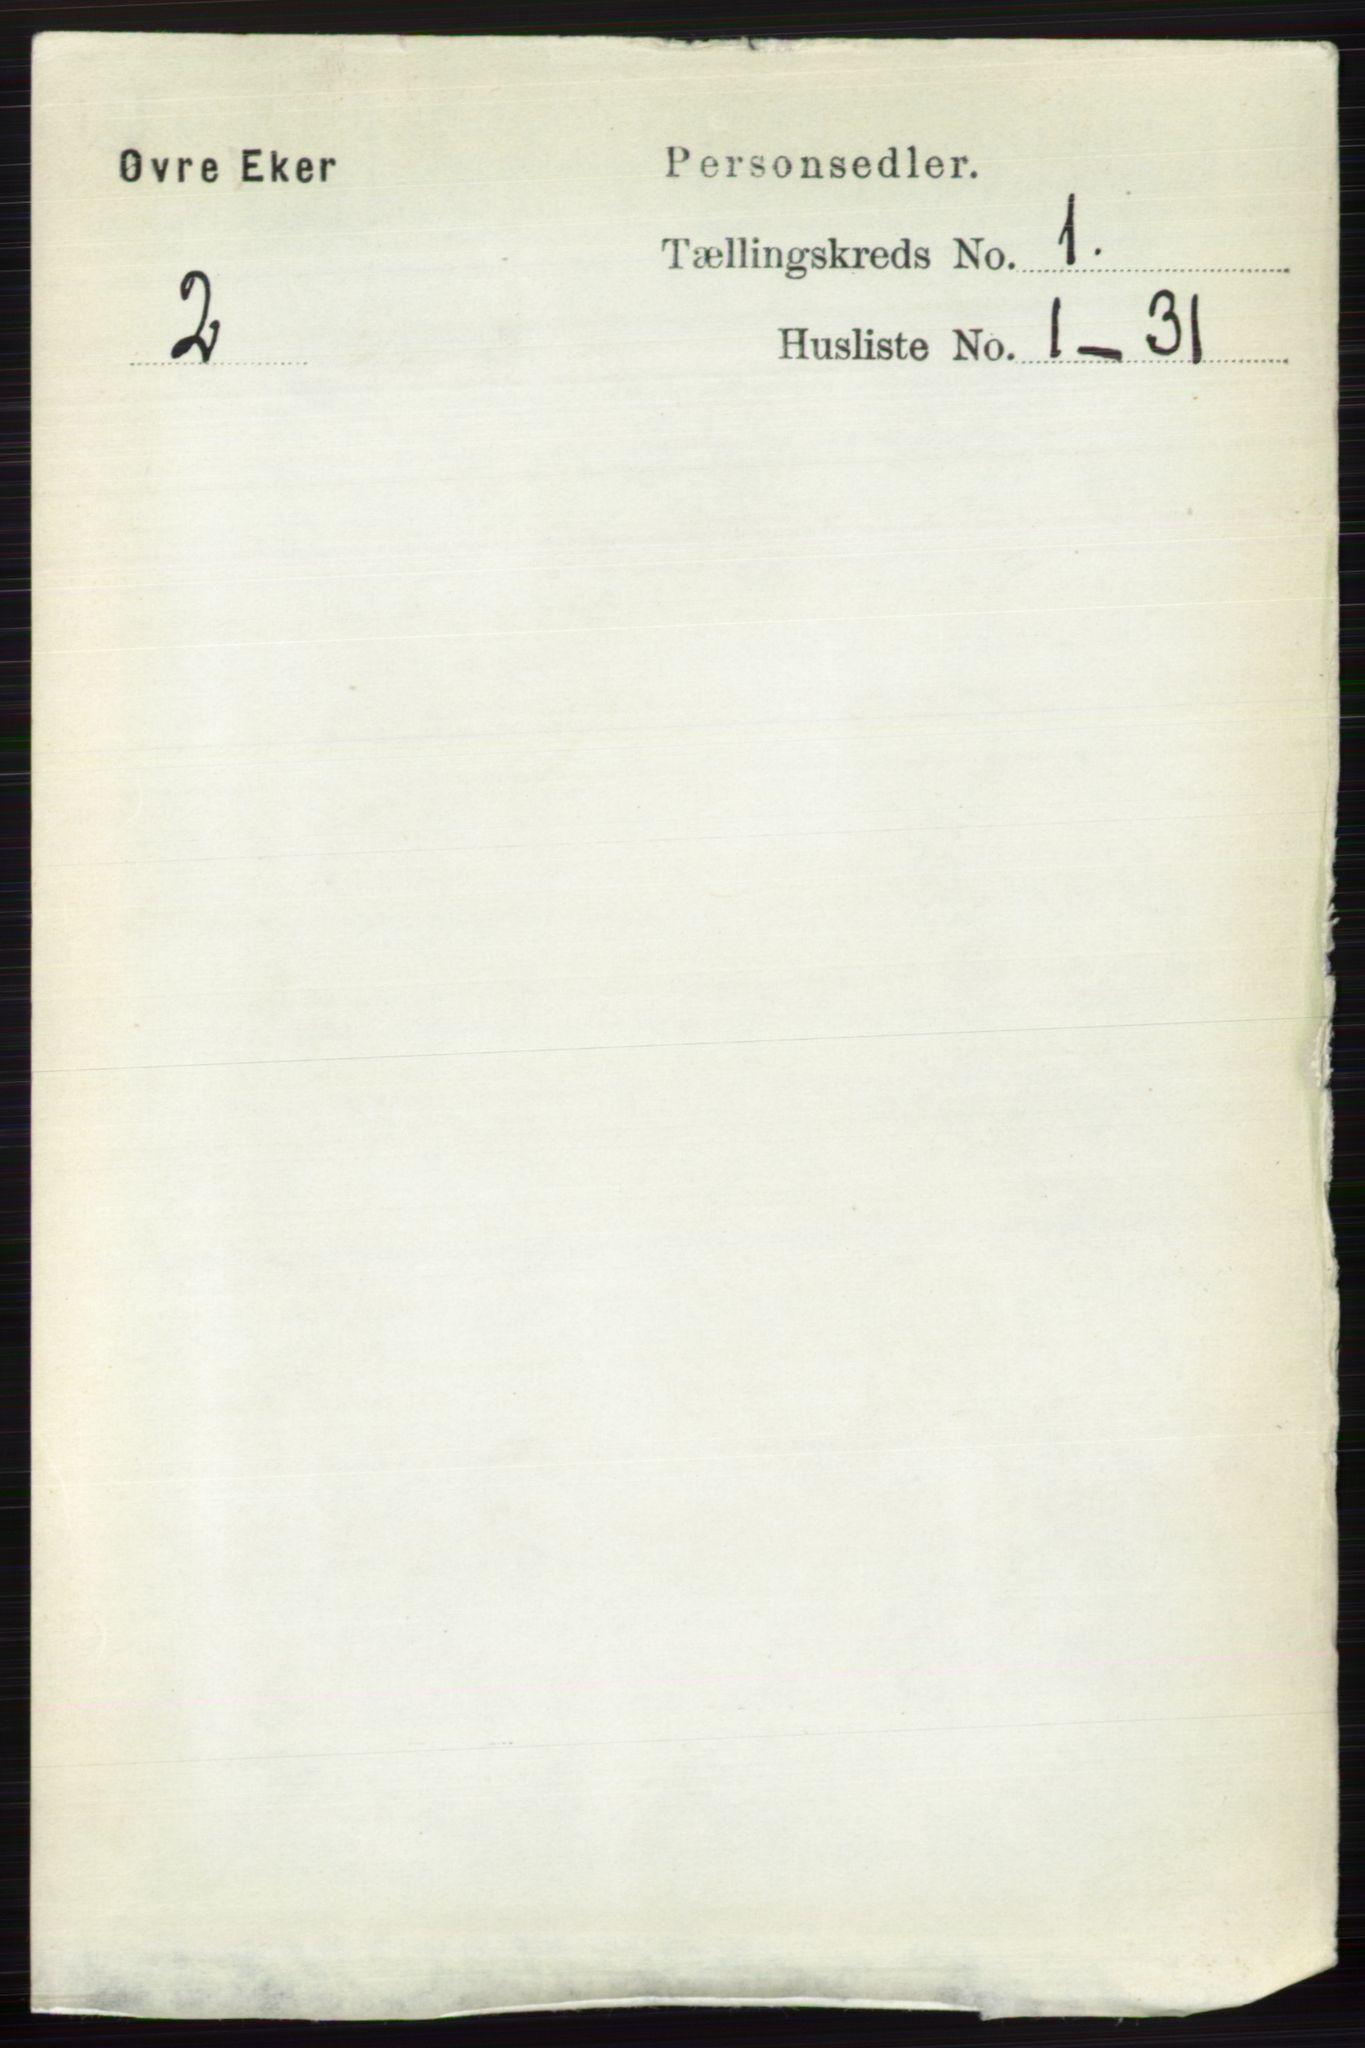 RA, Folketelling 1891 for 0624 Øvre Eiker herred, 1891, s. 129